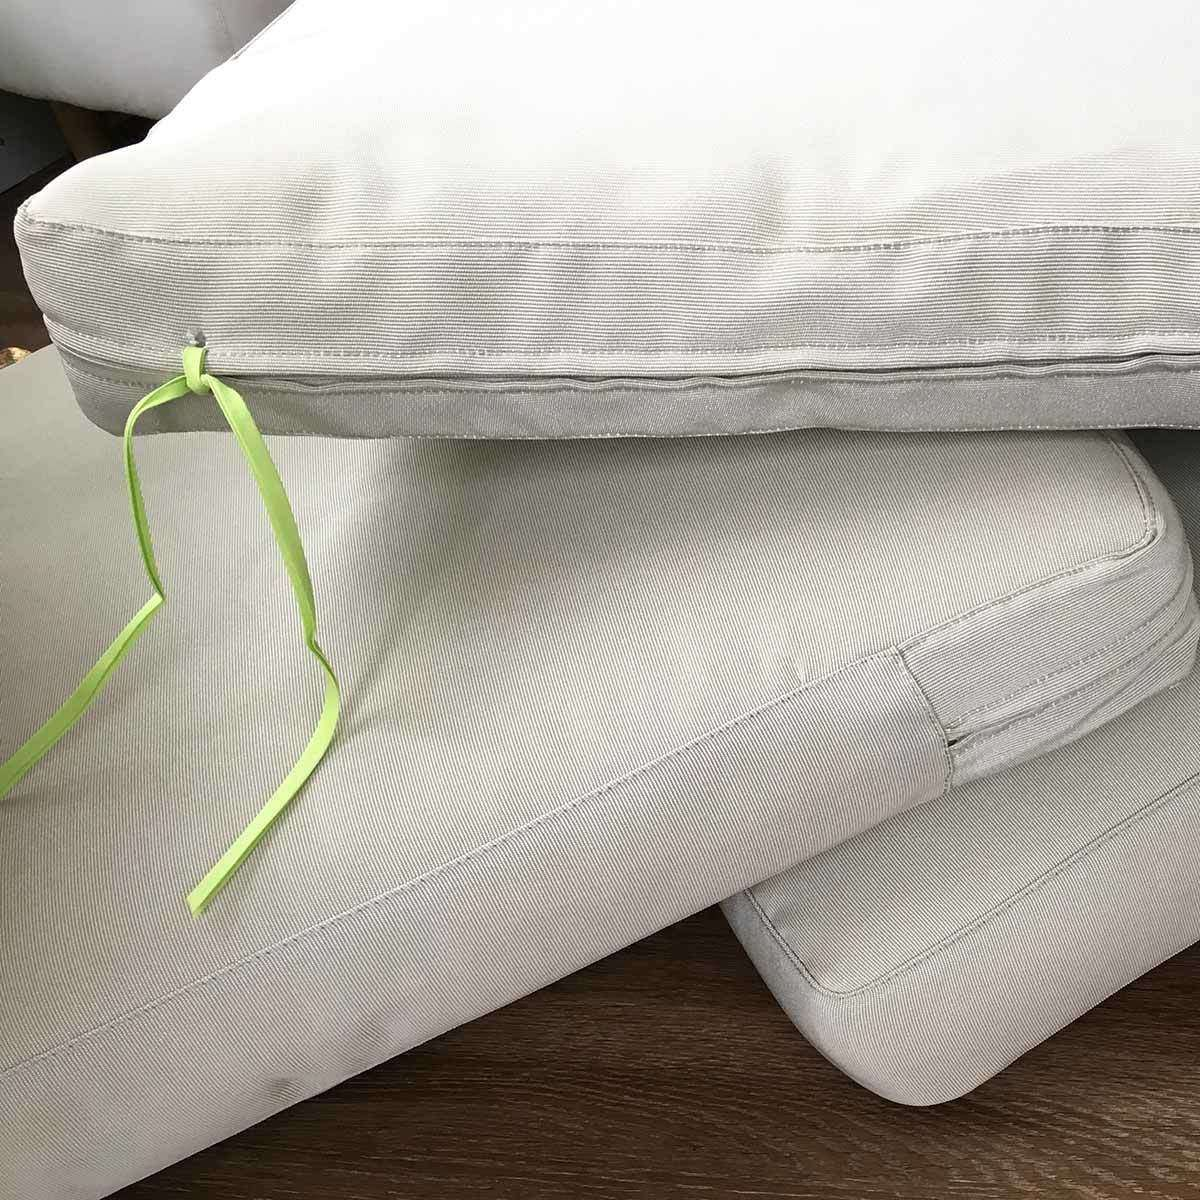 IKEA Hacks: Add Ties to Outdoor IKEA Patio Cushions